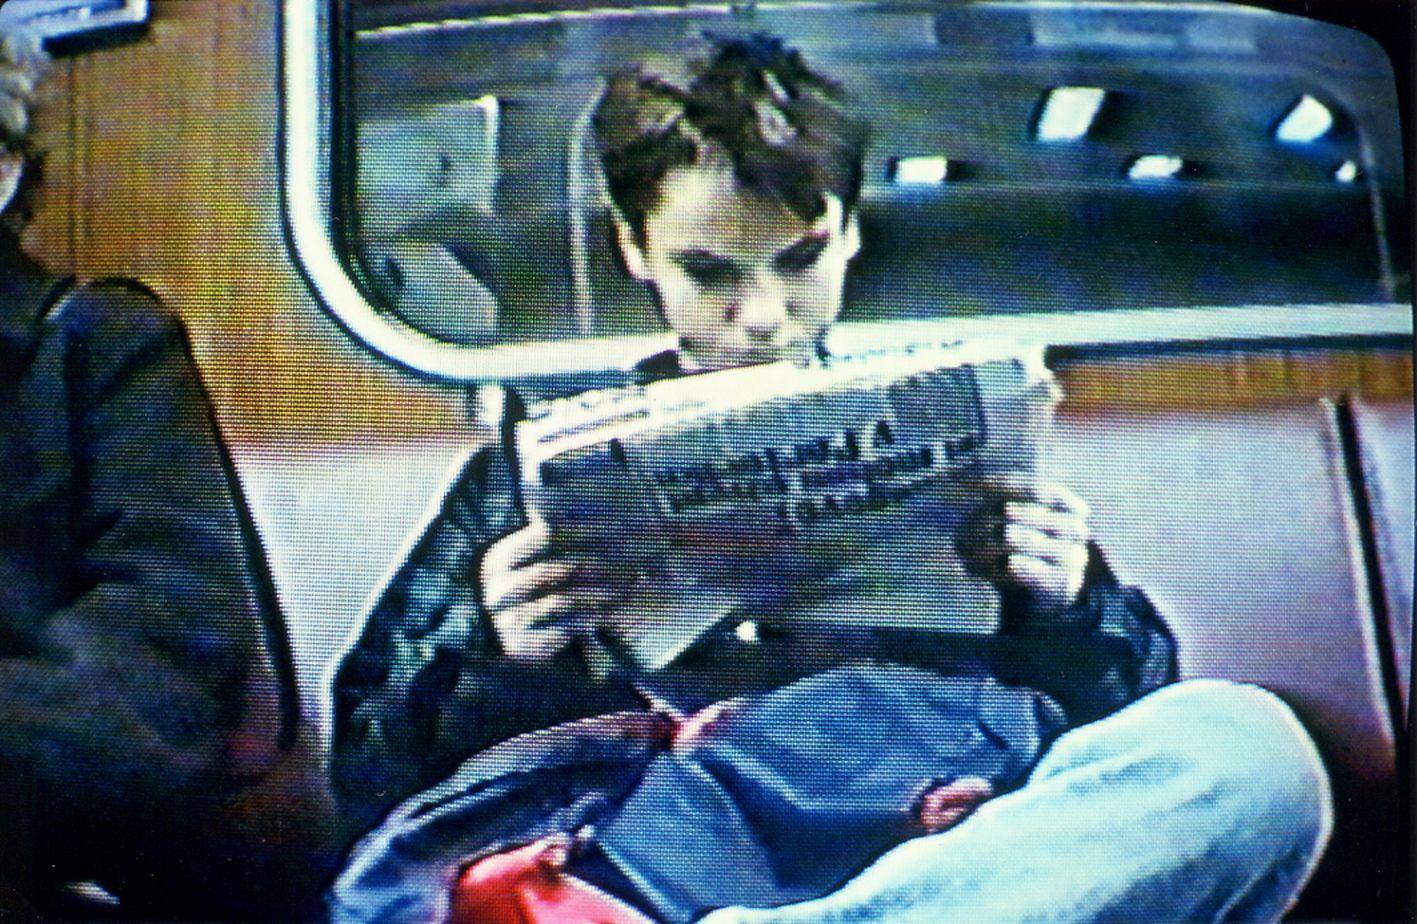 Boy in Subway